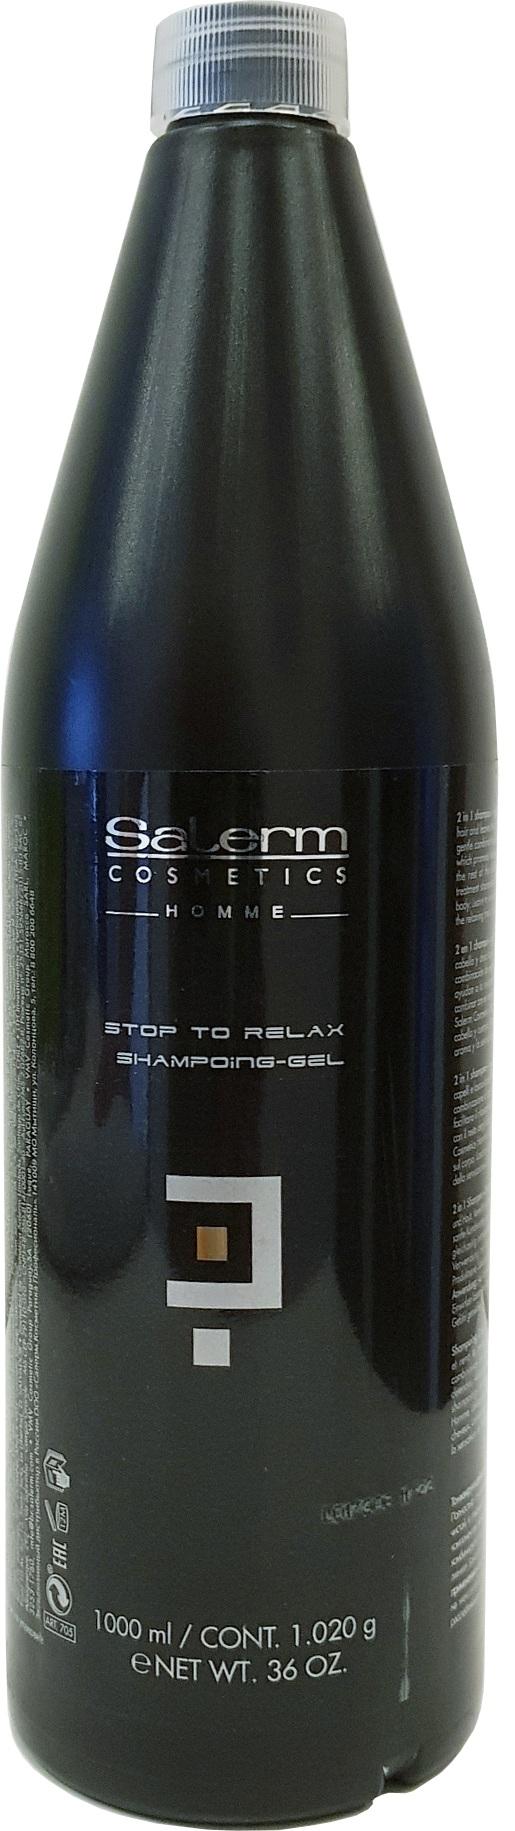 Купить SALERM COSMETICS Шампунь-гель тонизирующий 2 в 1, для мужчин / Homme 1000 мл